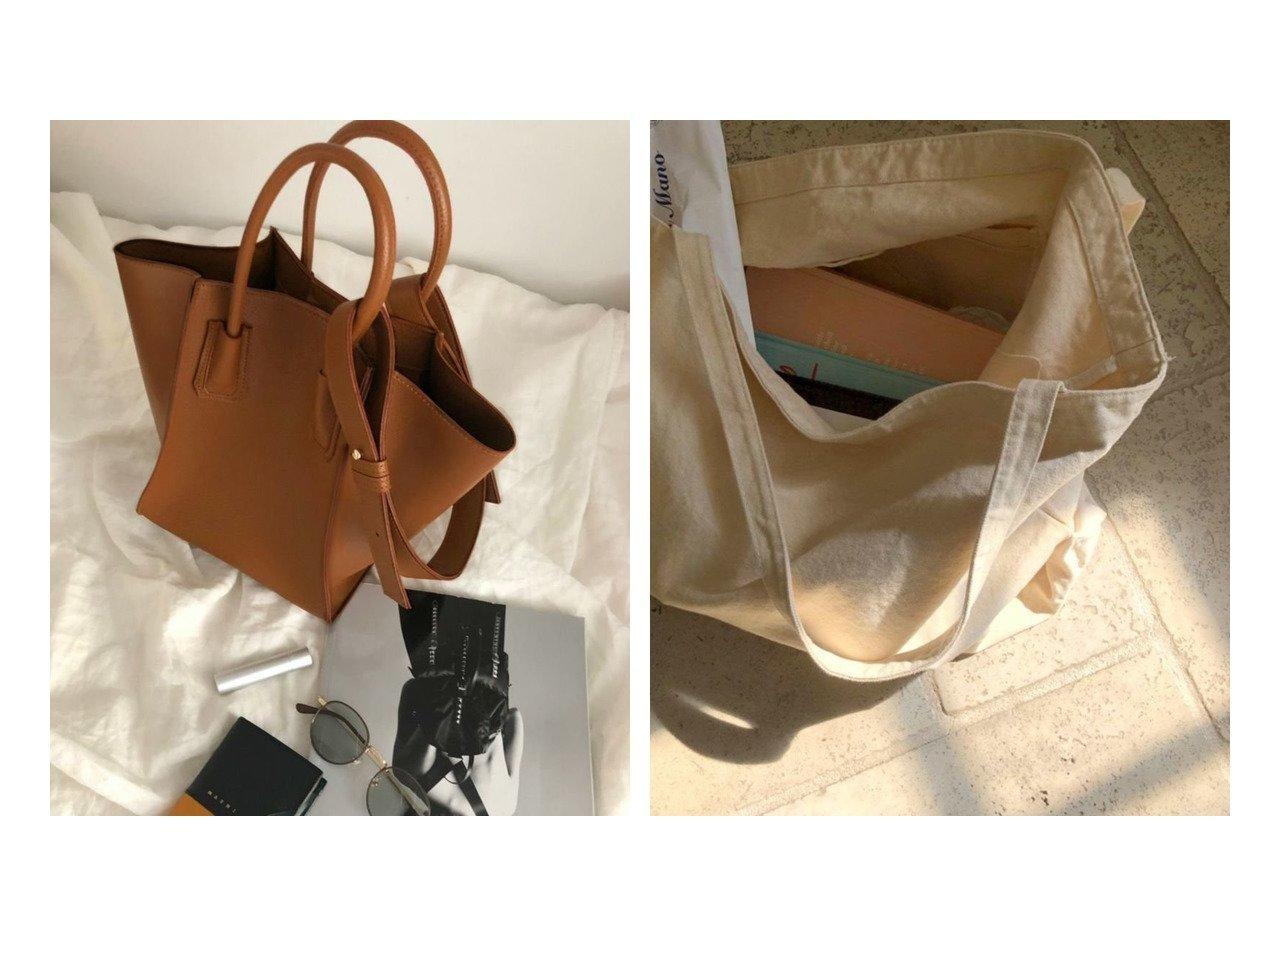 【marjour/マージュール】のmarjourショルダートートバッグ Marisol掲載 SHOULDER TOTE BAG&marjourビックキャンパスバッグ BIG CANVAS BAG マージュールのおすすめ!人気、トレンド・レディースファッションの通販 おすすめで人気の流行・トレンド、ファッションの通販商品 メンズファッション・キッズファッション・インテリア・家具・レディースファッション・服の通販 founy(ファニー) https://founy.com/ ファッション Fashion レディースファッション WOMEN バッグ Bag コンパクト フェイクレザー ポケット おすすめ Recommend キャンバス シンプル スカーフ チャーム ヨガ 洗える |ID:crp329100000021547